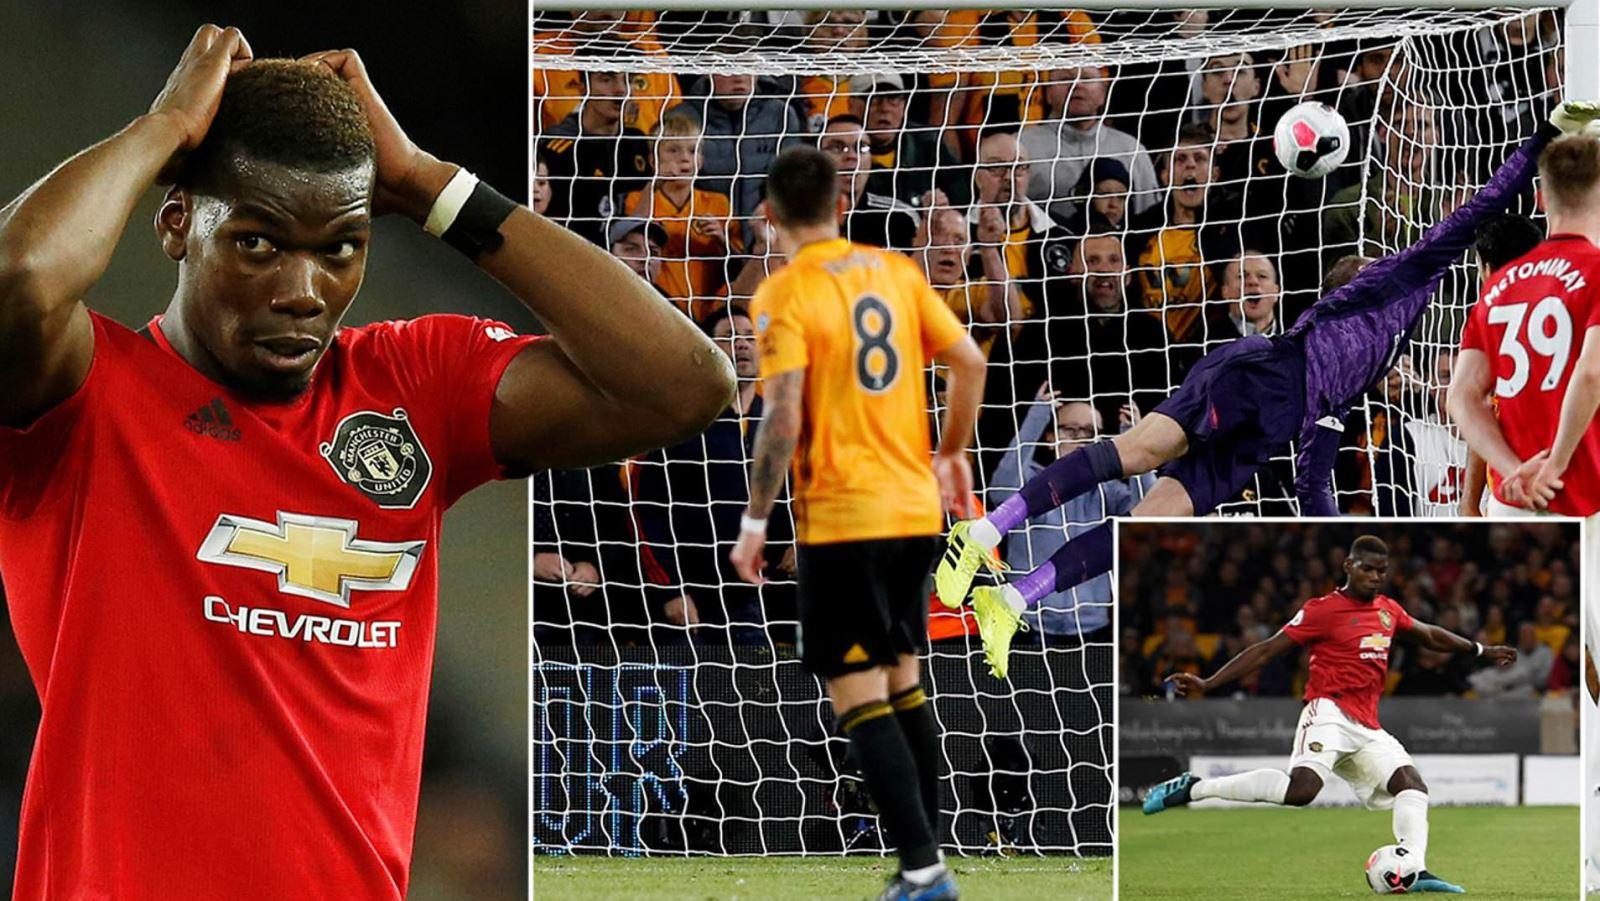 Tin bóng đá MU hôm nay 21/8: Rashford bị chỉ trích vì để Pogba đá 11m. Rojo sắp rời MU